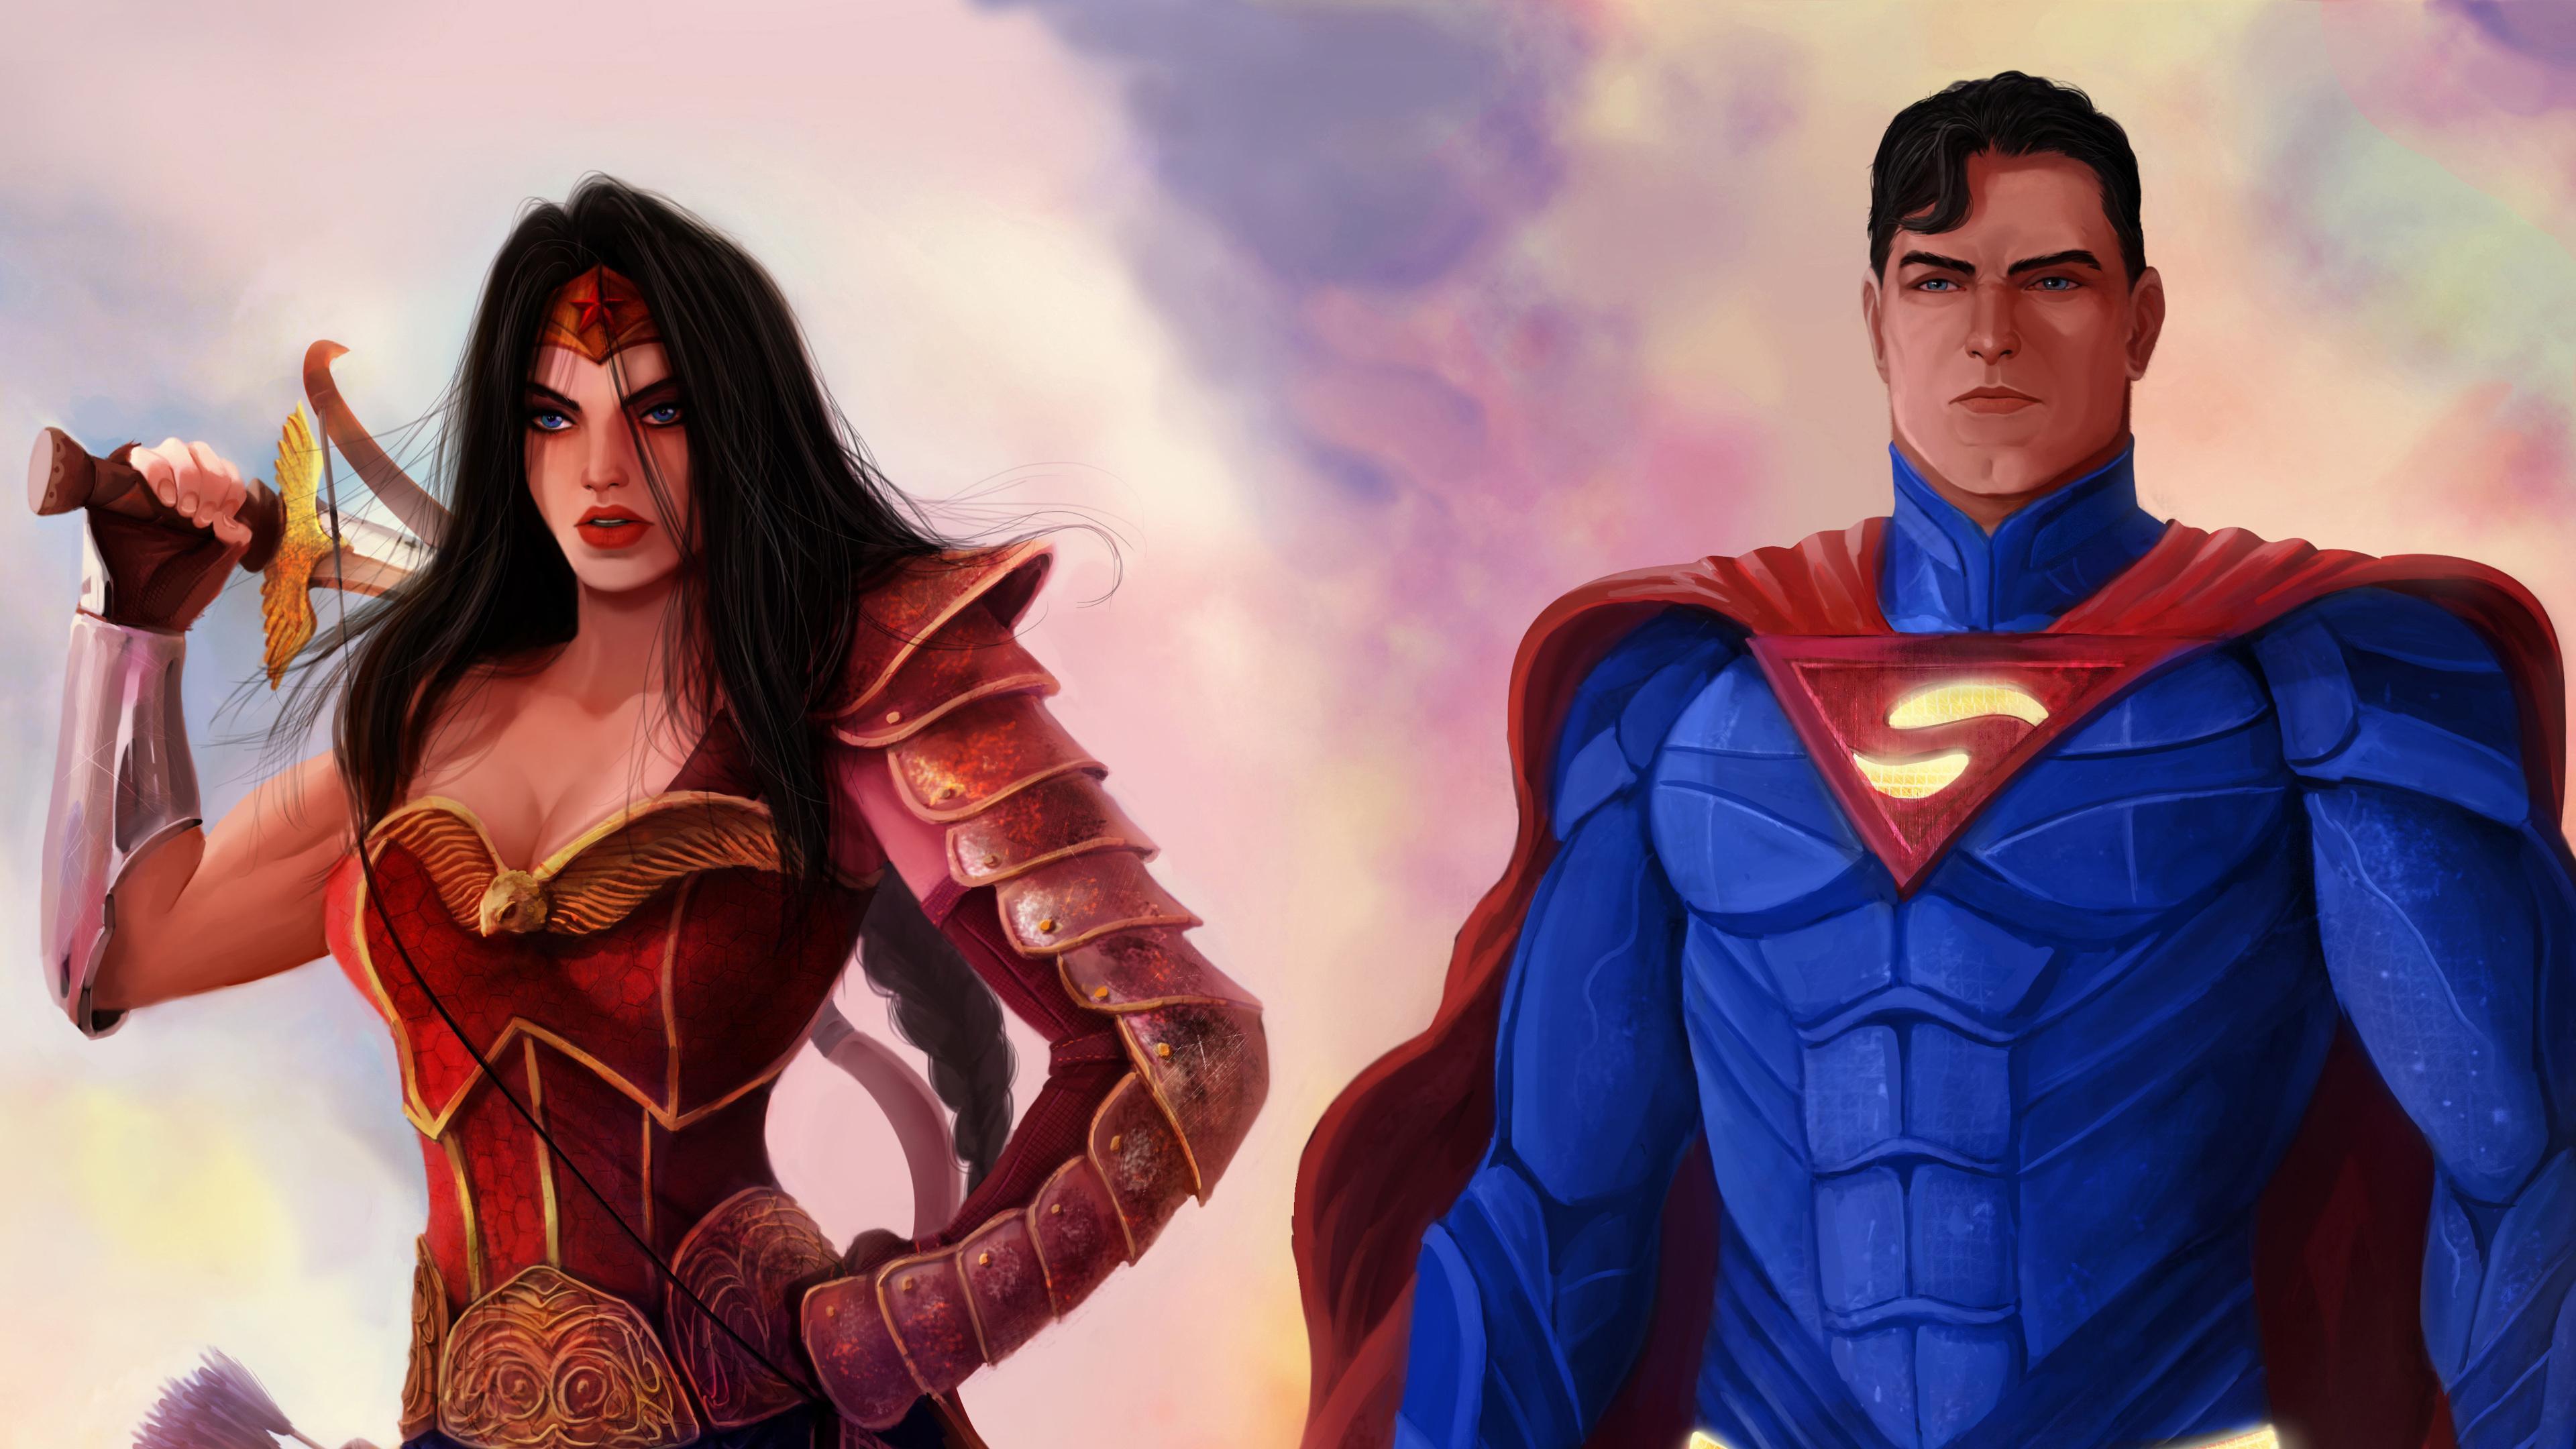 superman wonder woman 4k 1537646002 - Superman Wonder Woman 4k - wonder woman wallpapers, superman wallpapers, superheroes wallpapers, hd-wallpapers, digital art wallpapers, artwork wallpapers, 4k-wallpapers